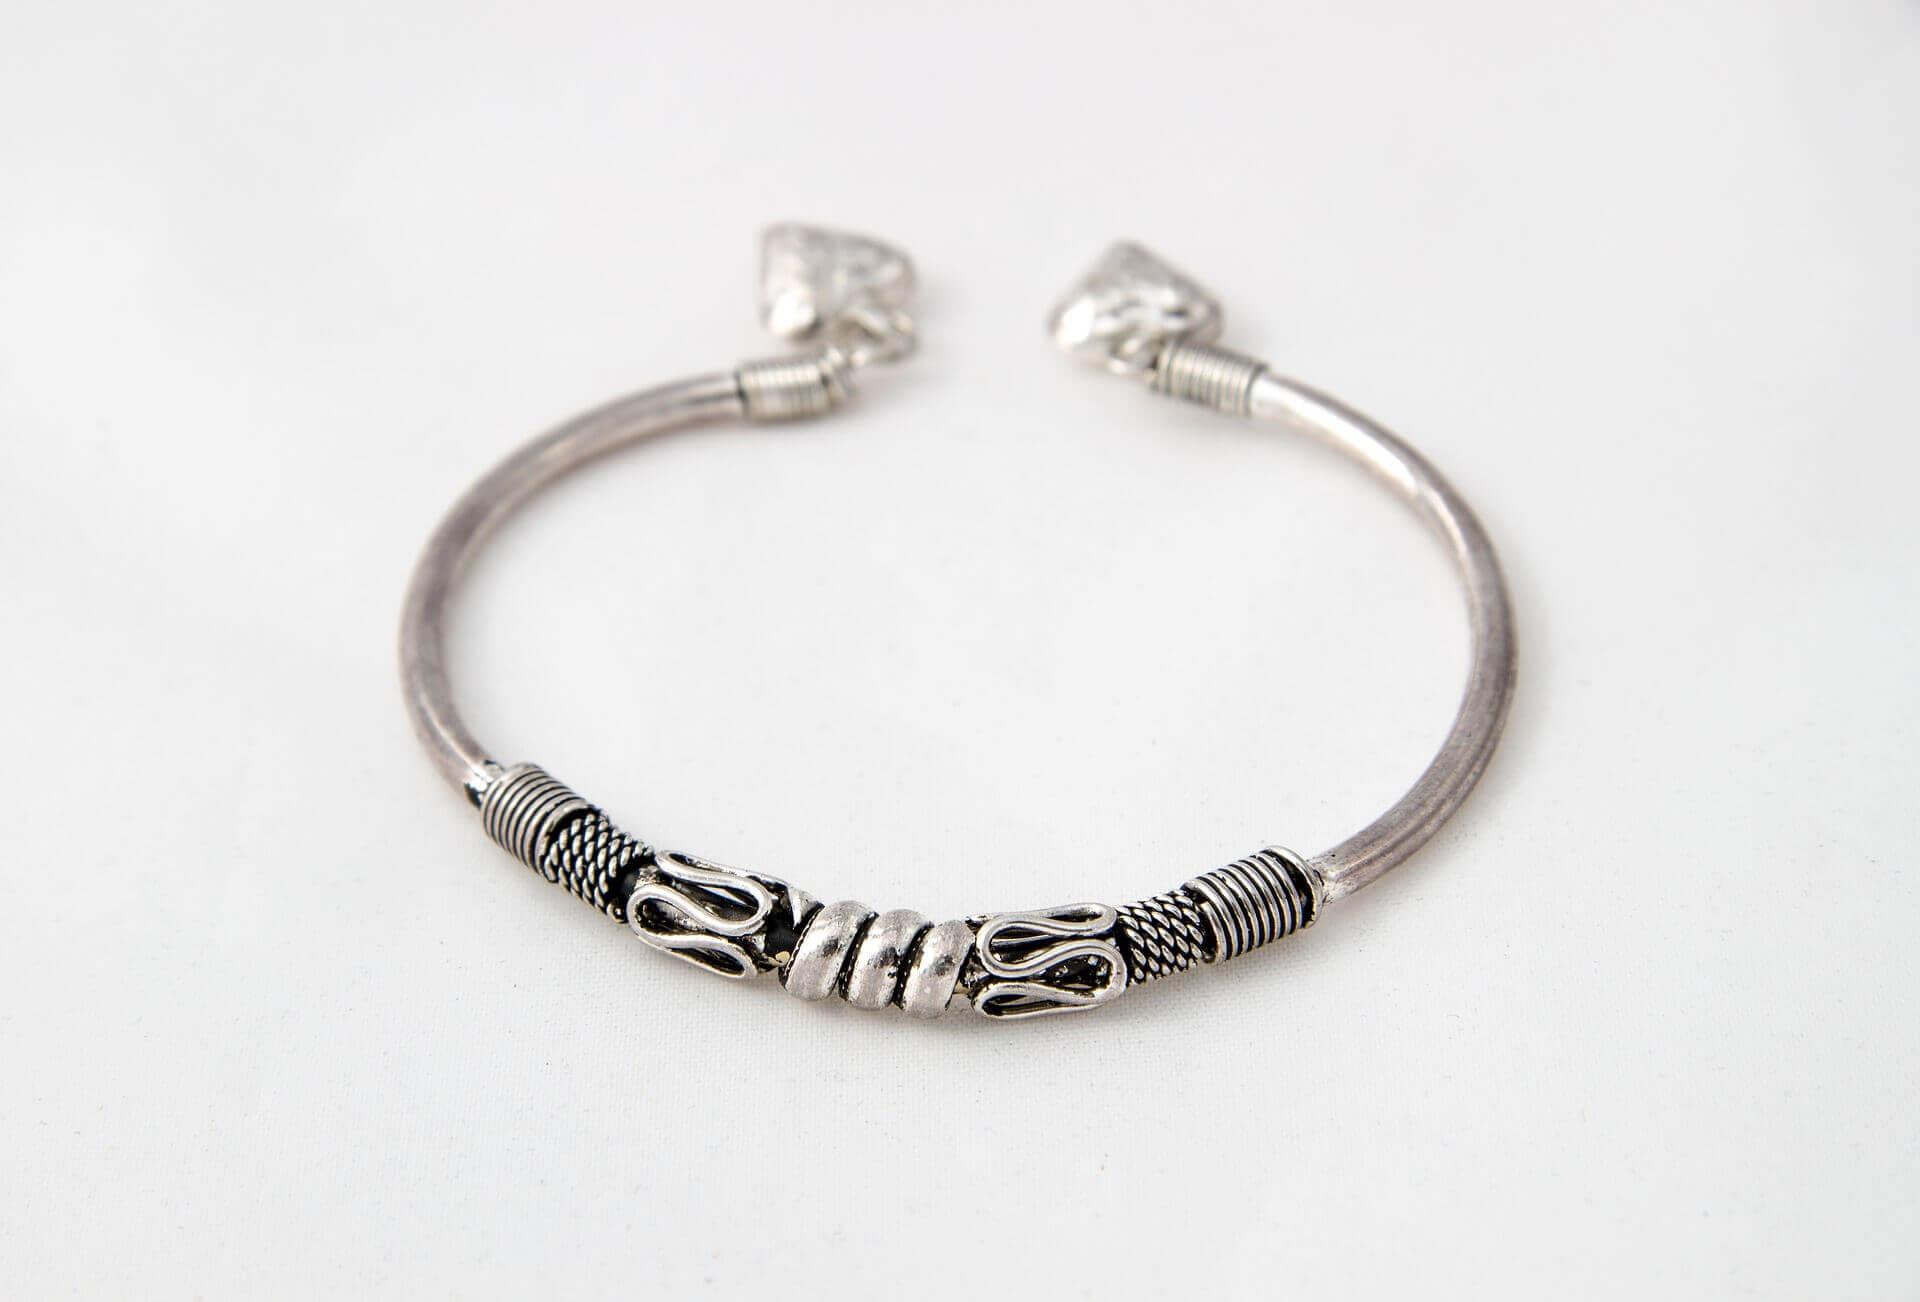 Tarnished bracelet